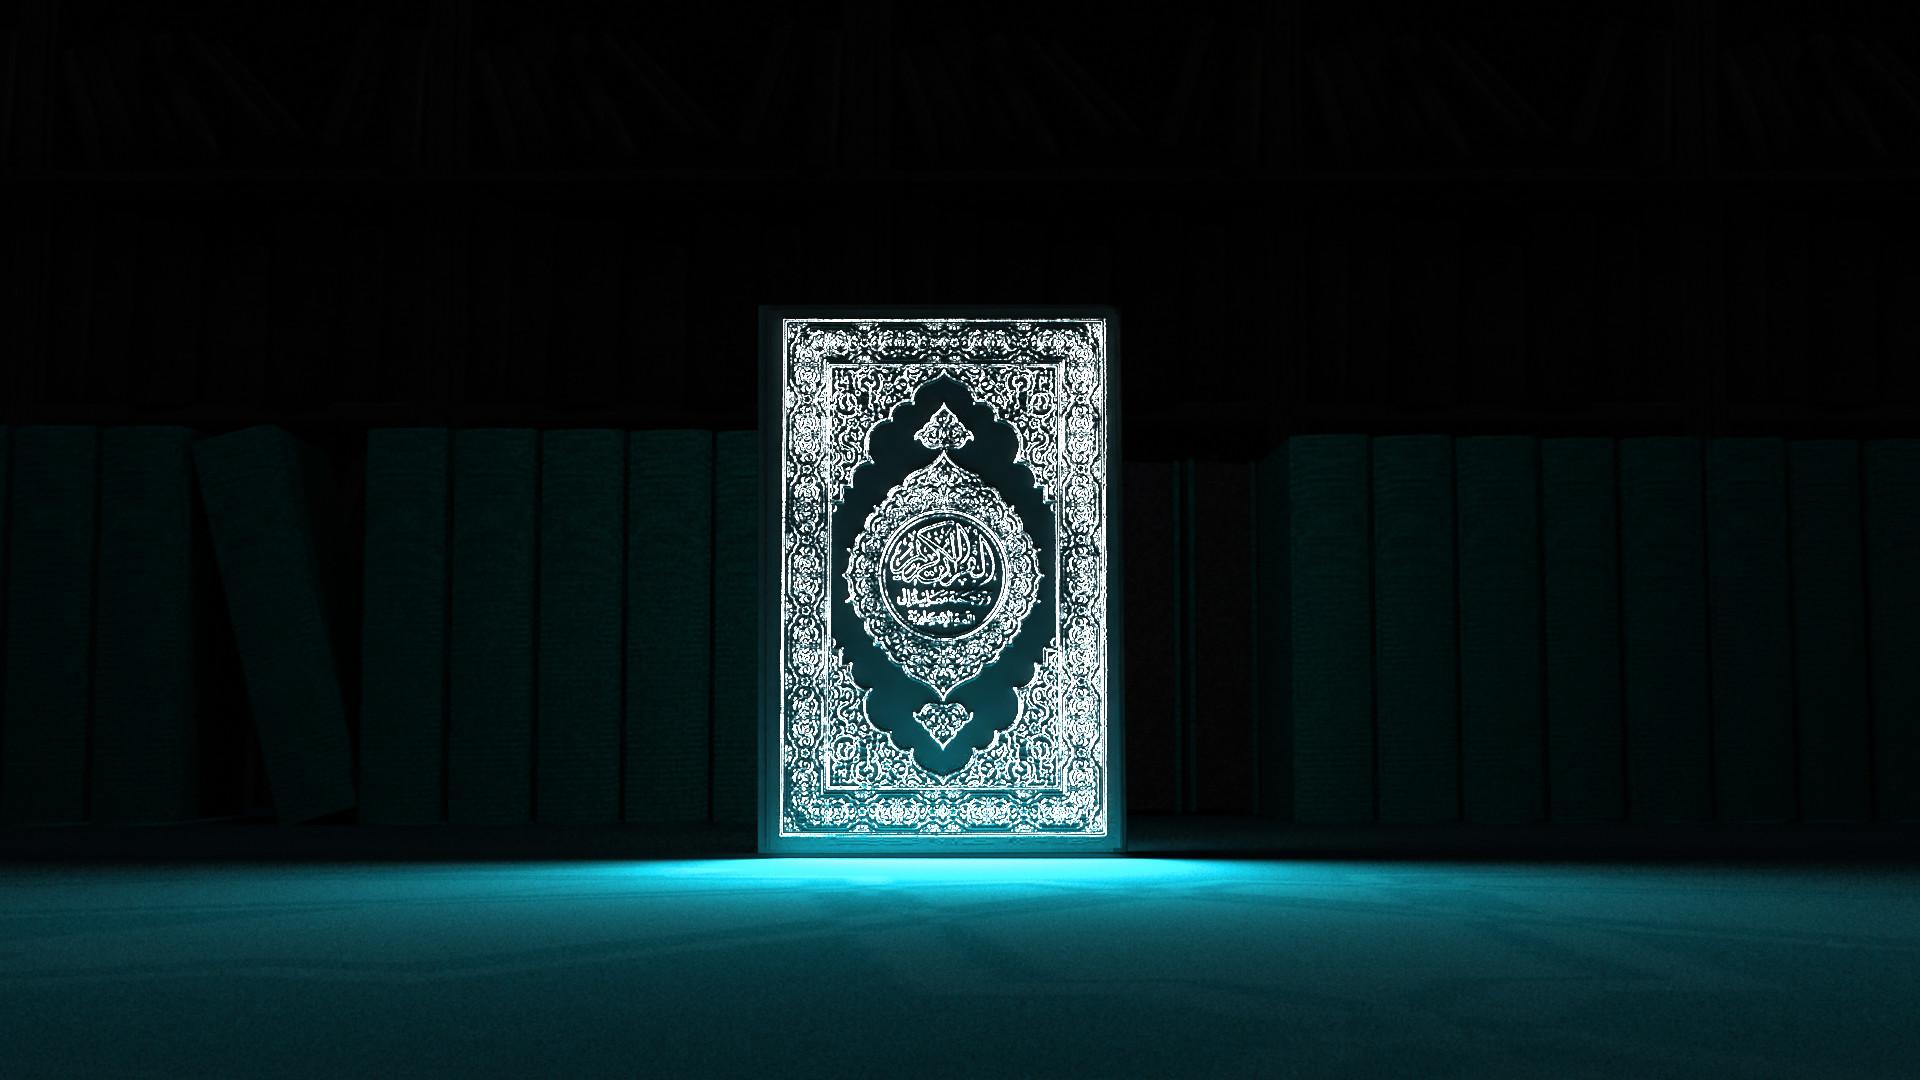 quran wallpaper 60 images